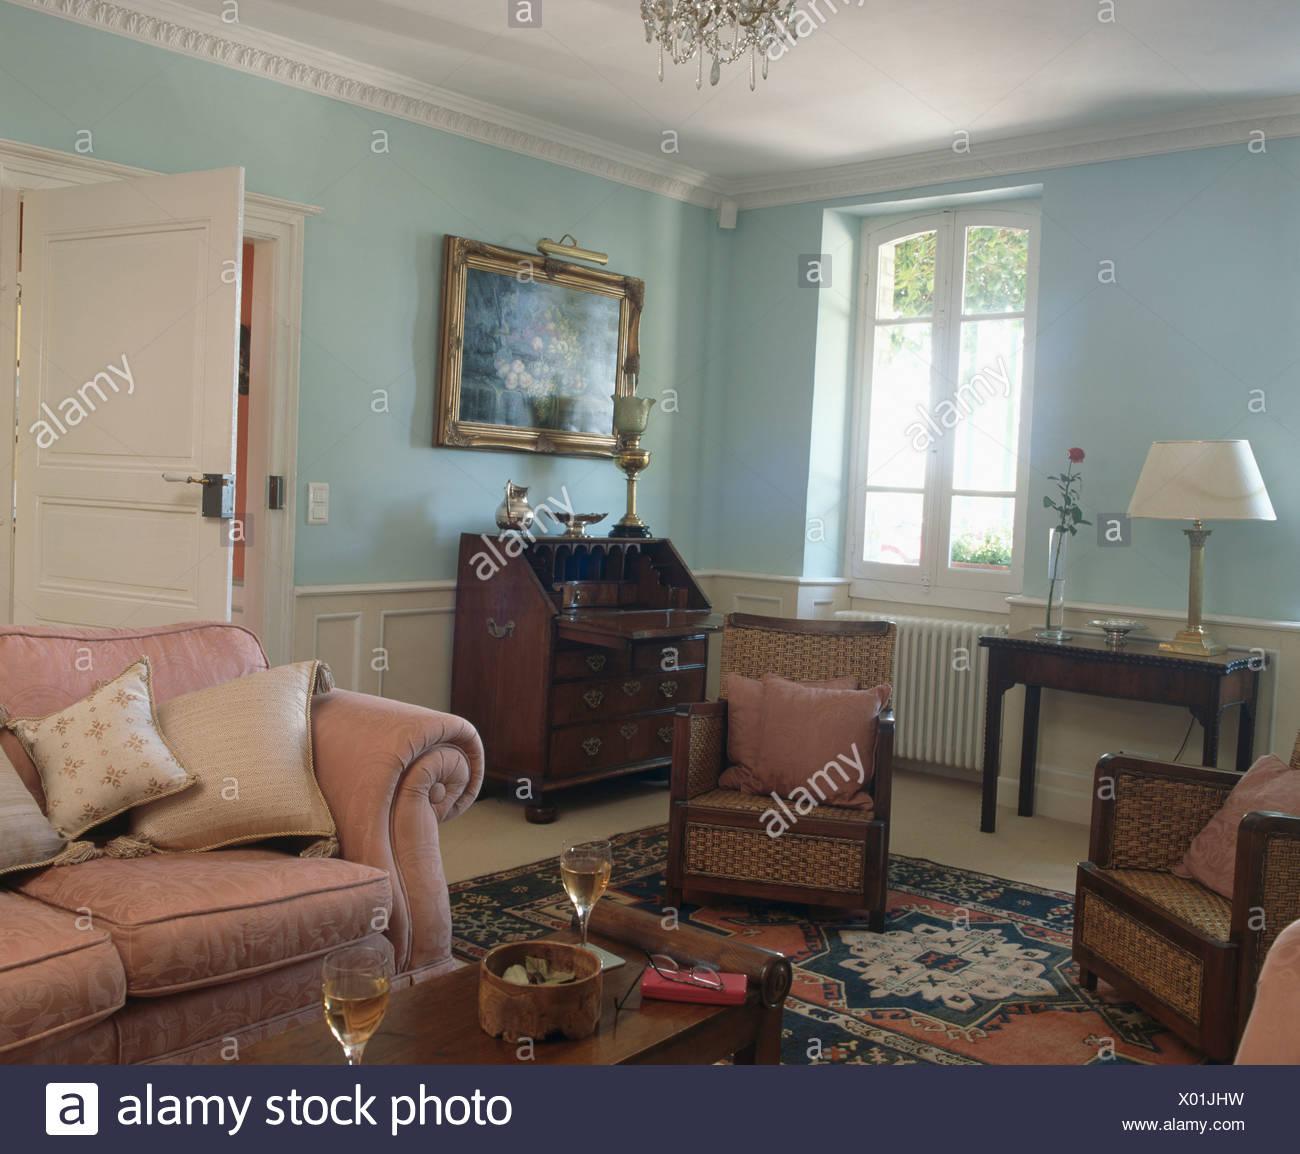 Rosa Sofa und Englisch antike Möbel in Pastellblau ...